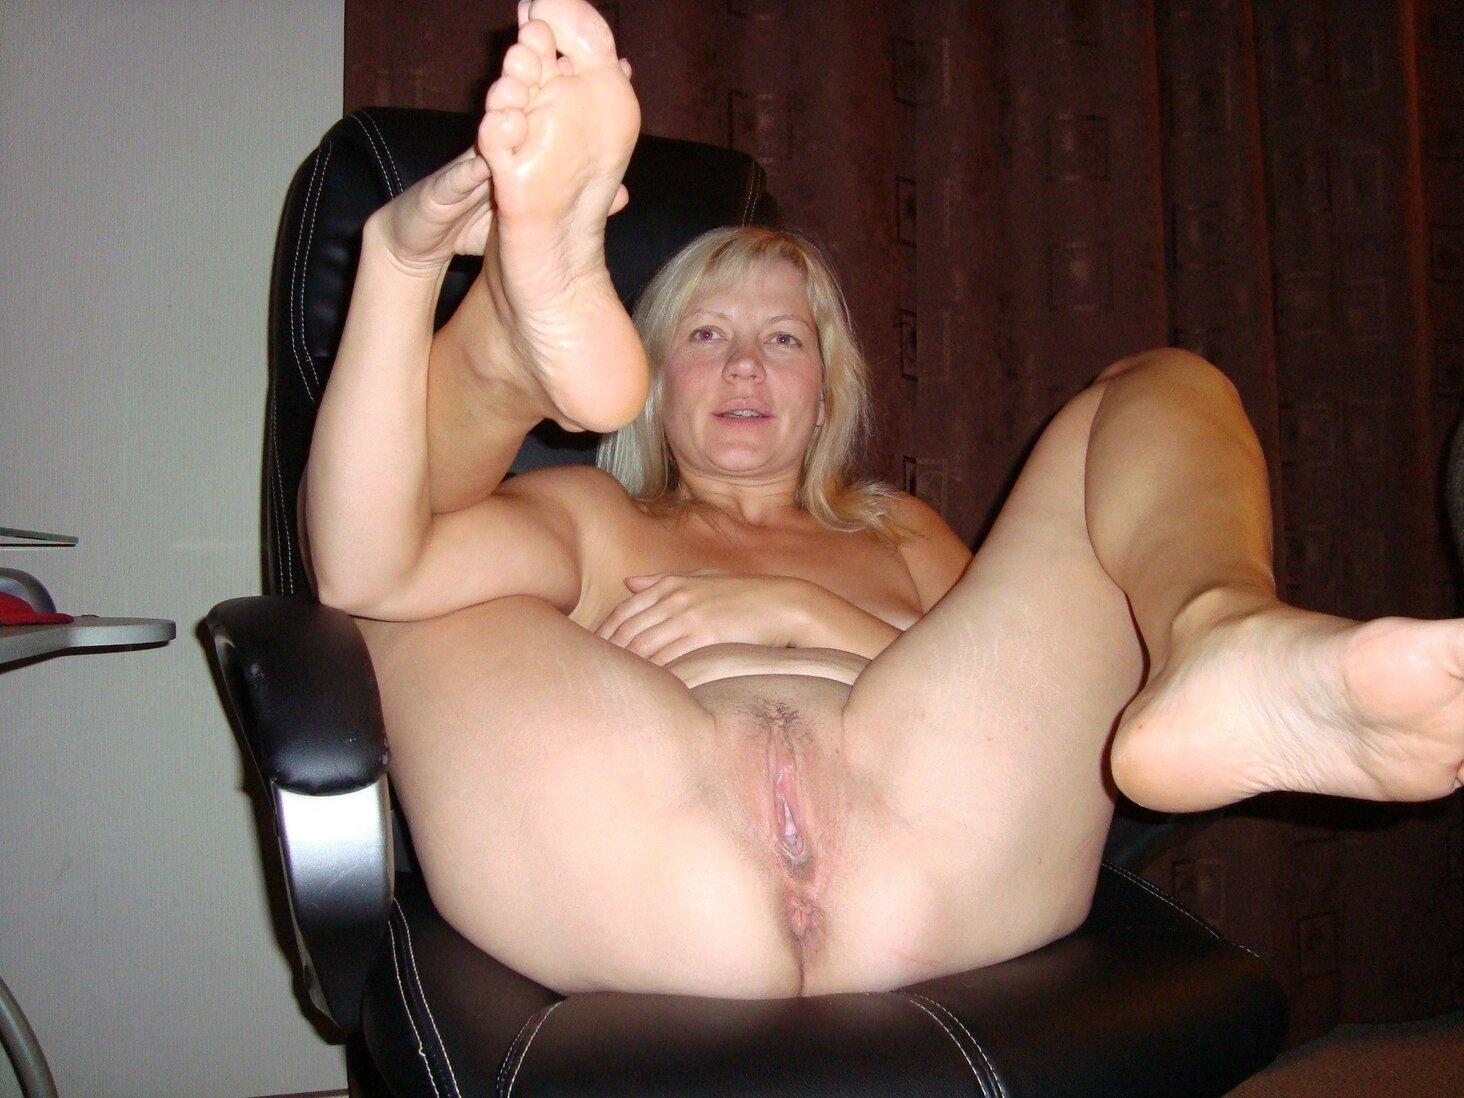 Тетки за 40 полулежит в кресле голая блондинка.